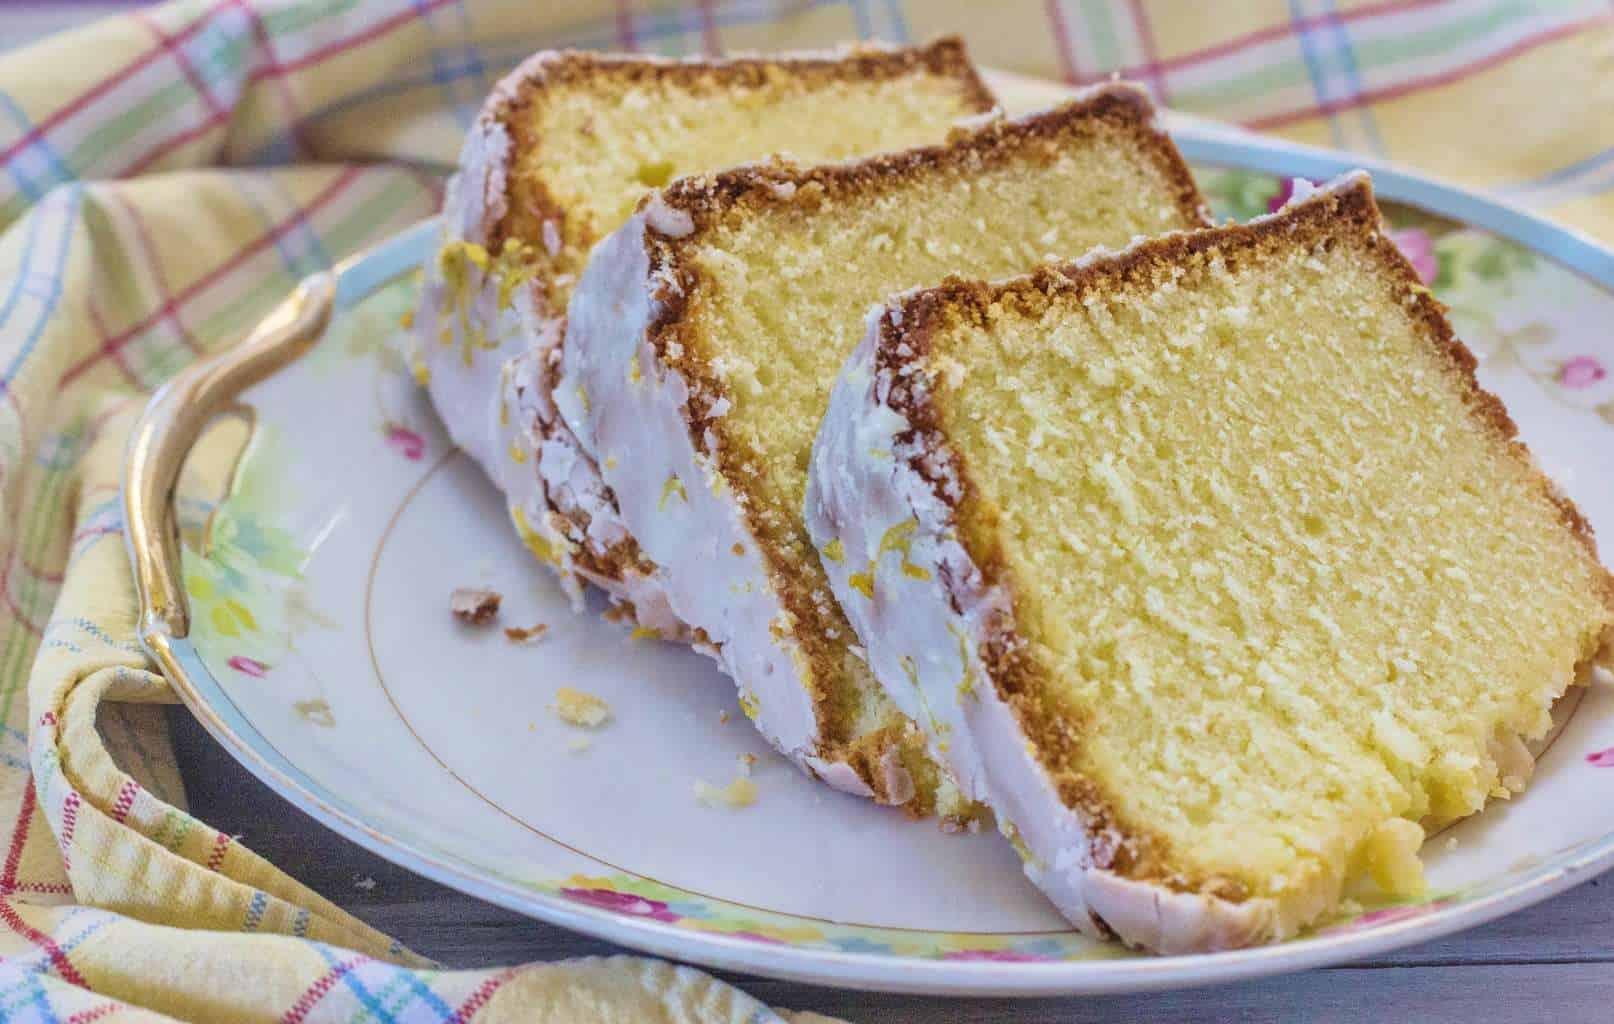 Cake Recipes With Glaze Icing: Lemon Pound Cake With Lemon Glaze